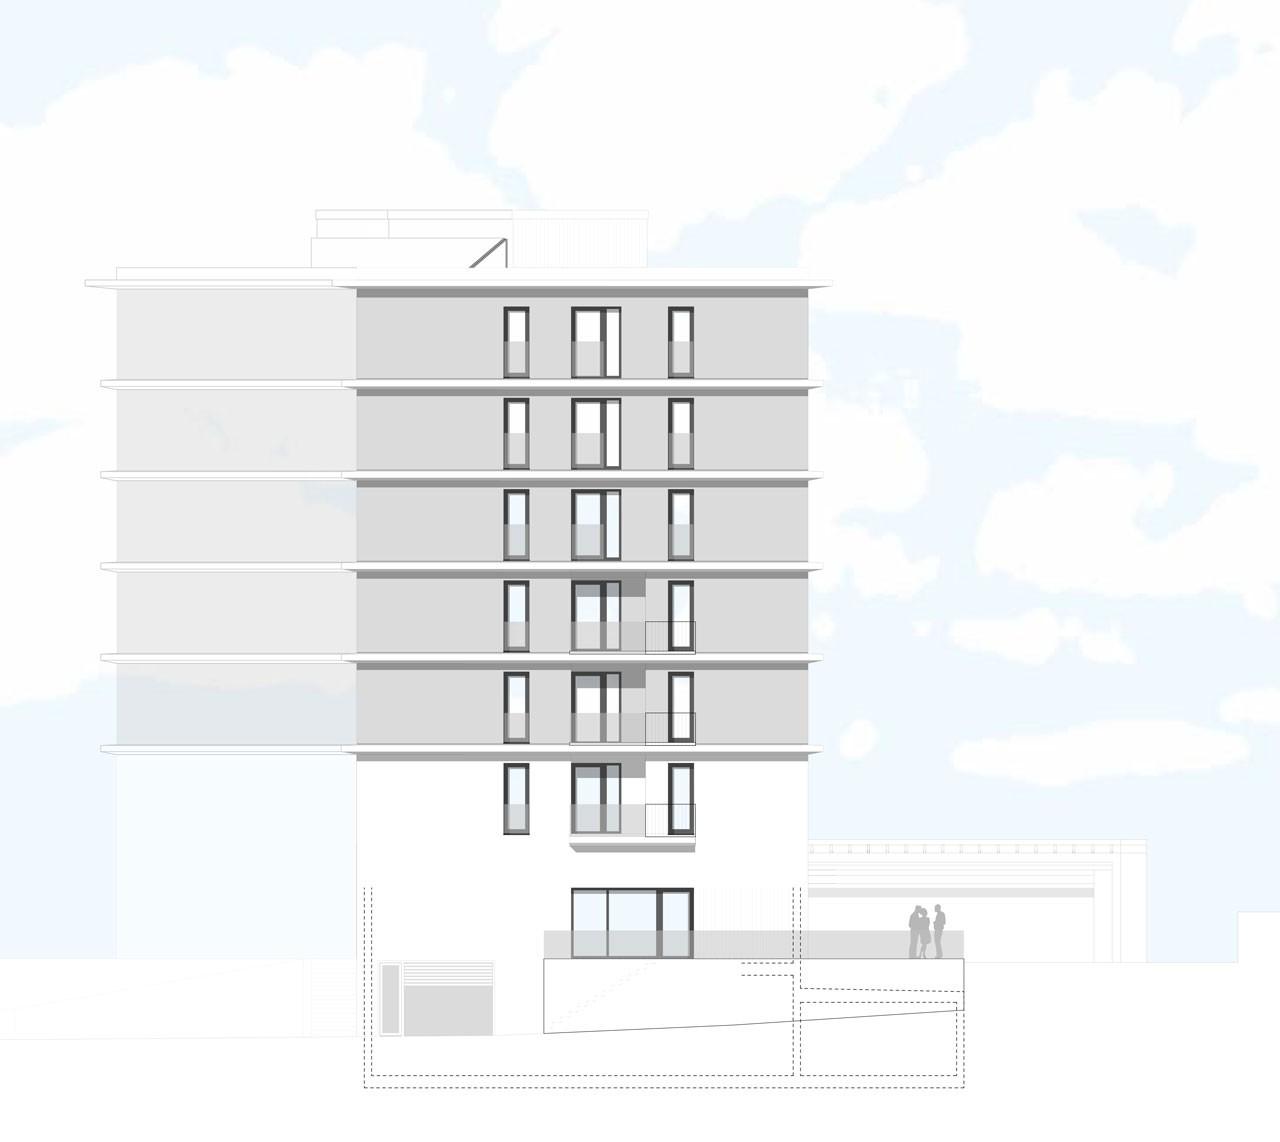 Drei Eins – Architektur- und Stadtplanungsbüro in Frankfurt Hufeland-Haus D, Ffm-Seckbach